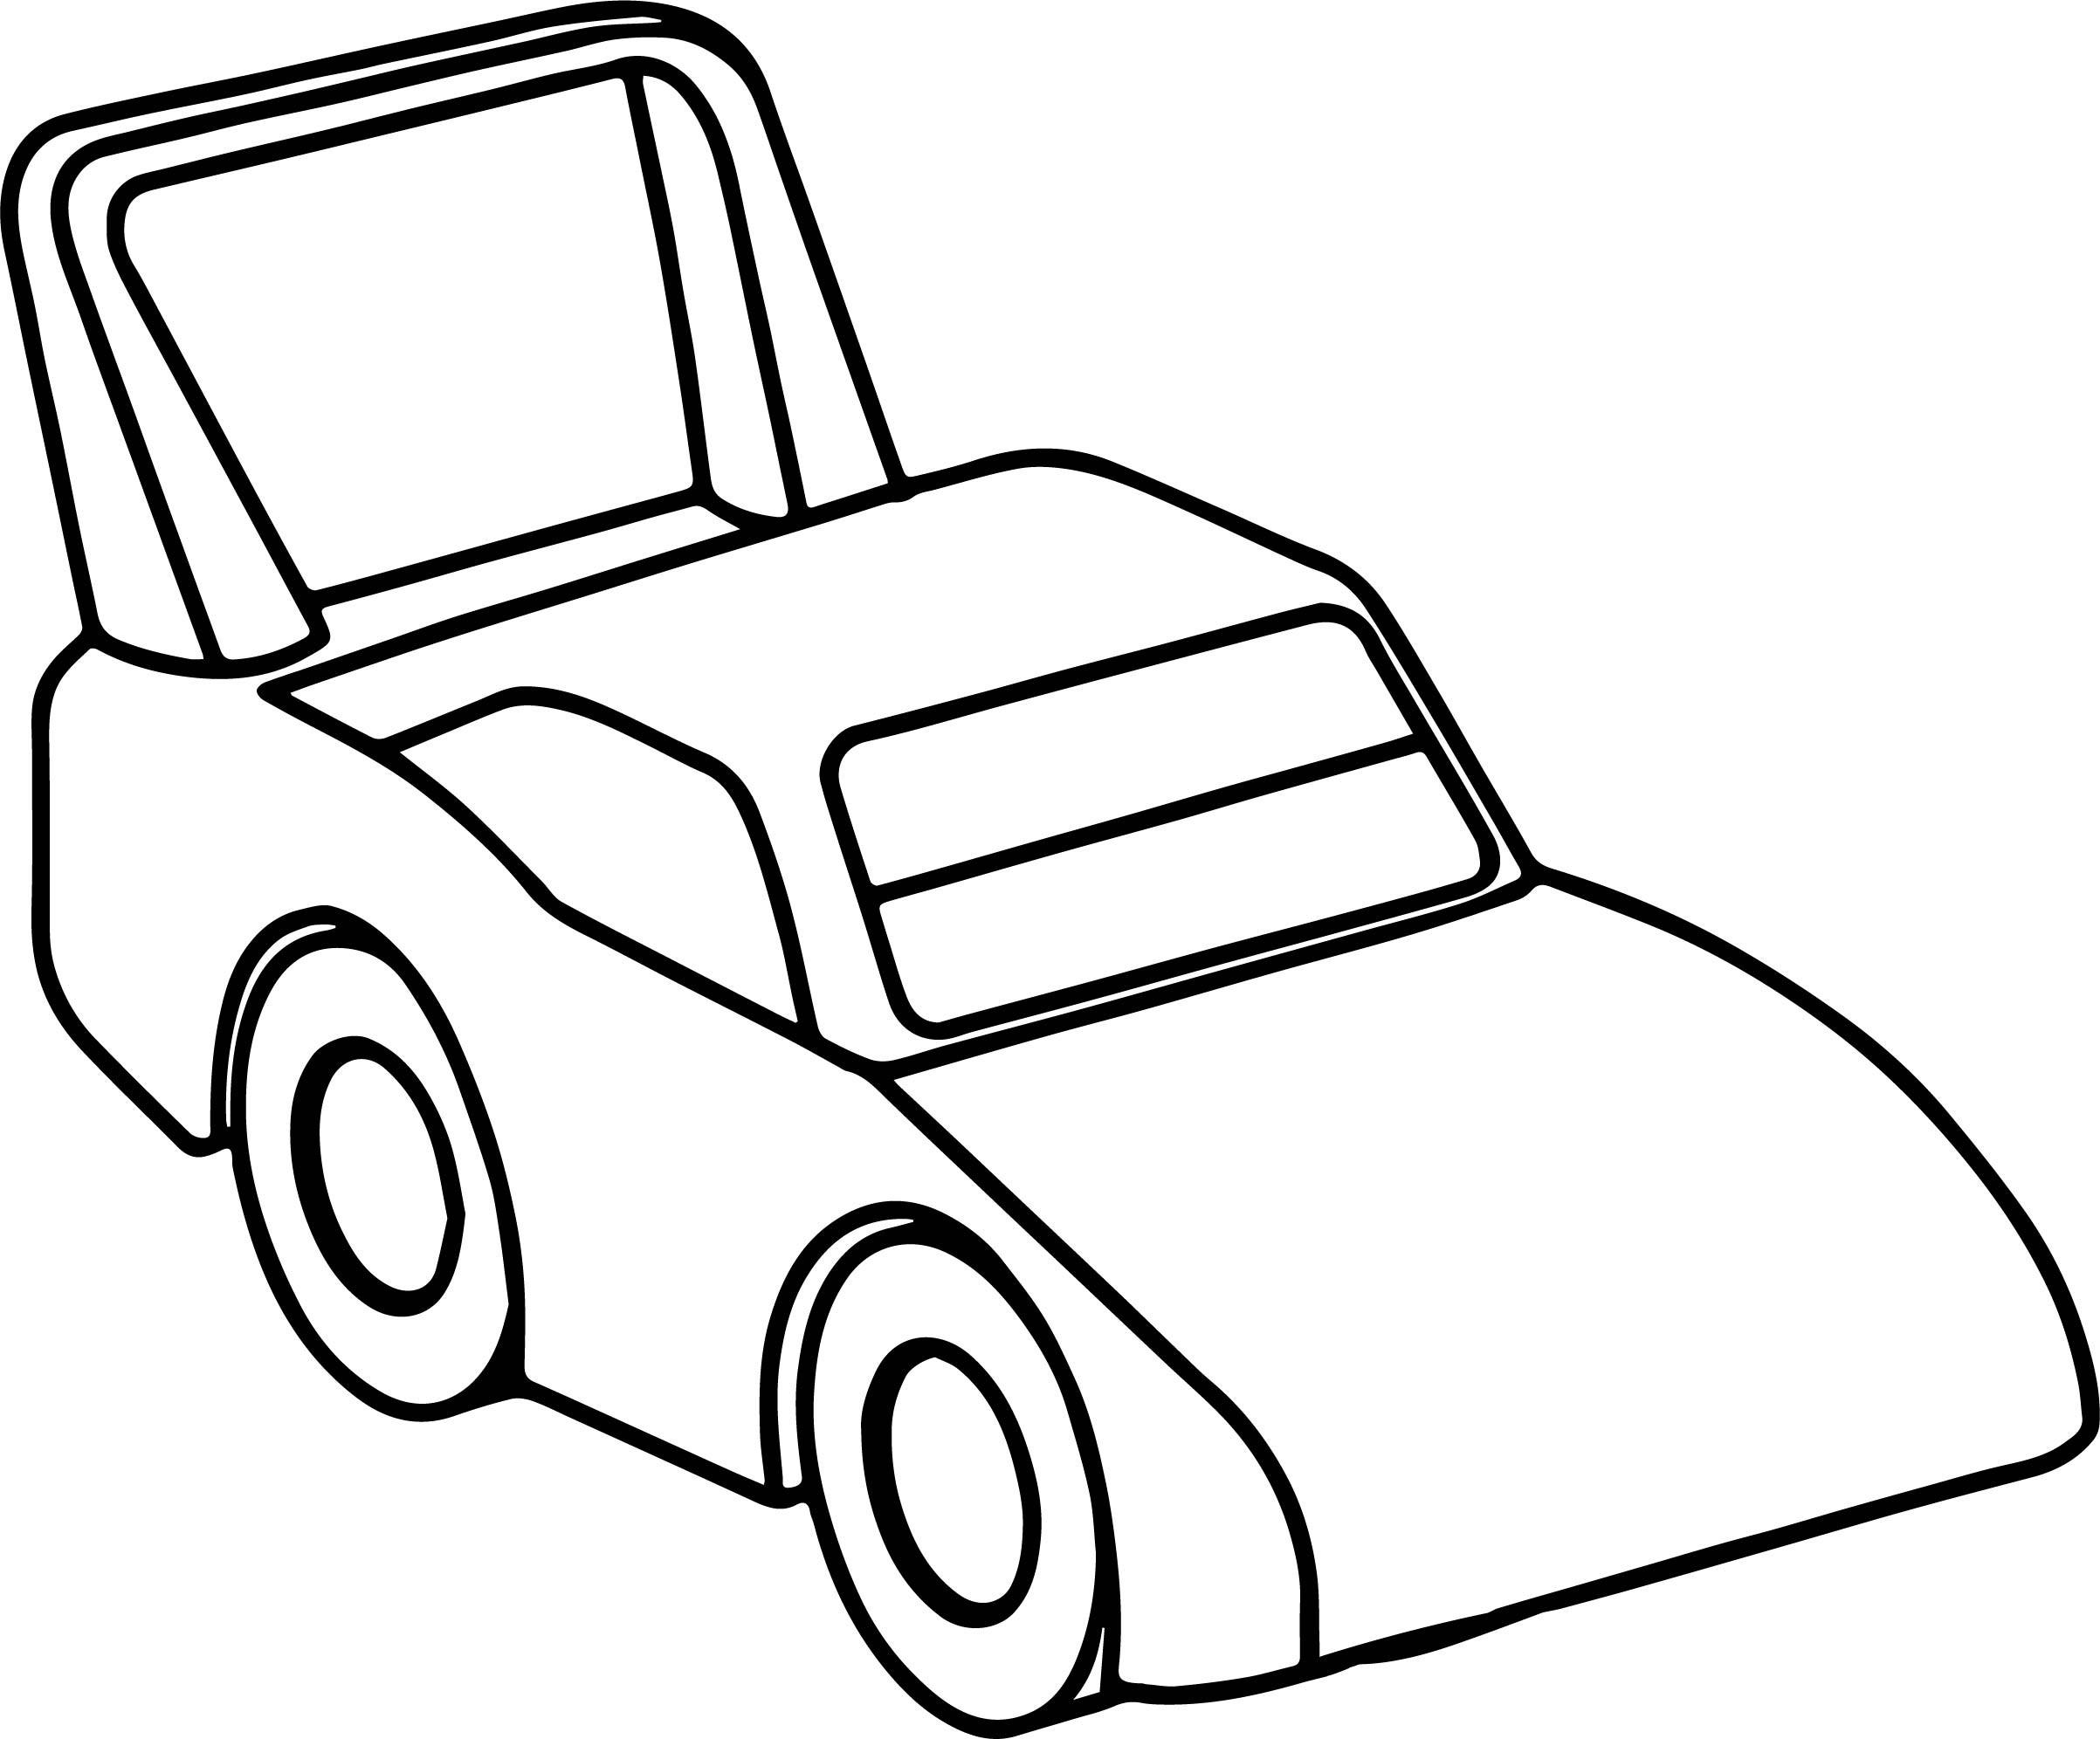 Tranh ô tô tô màu